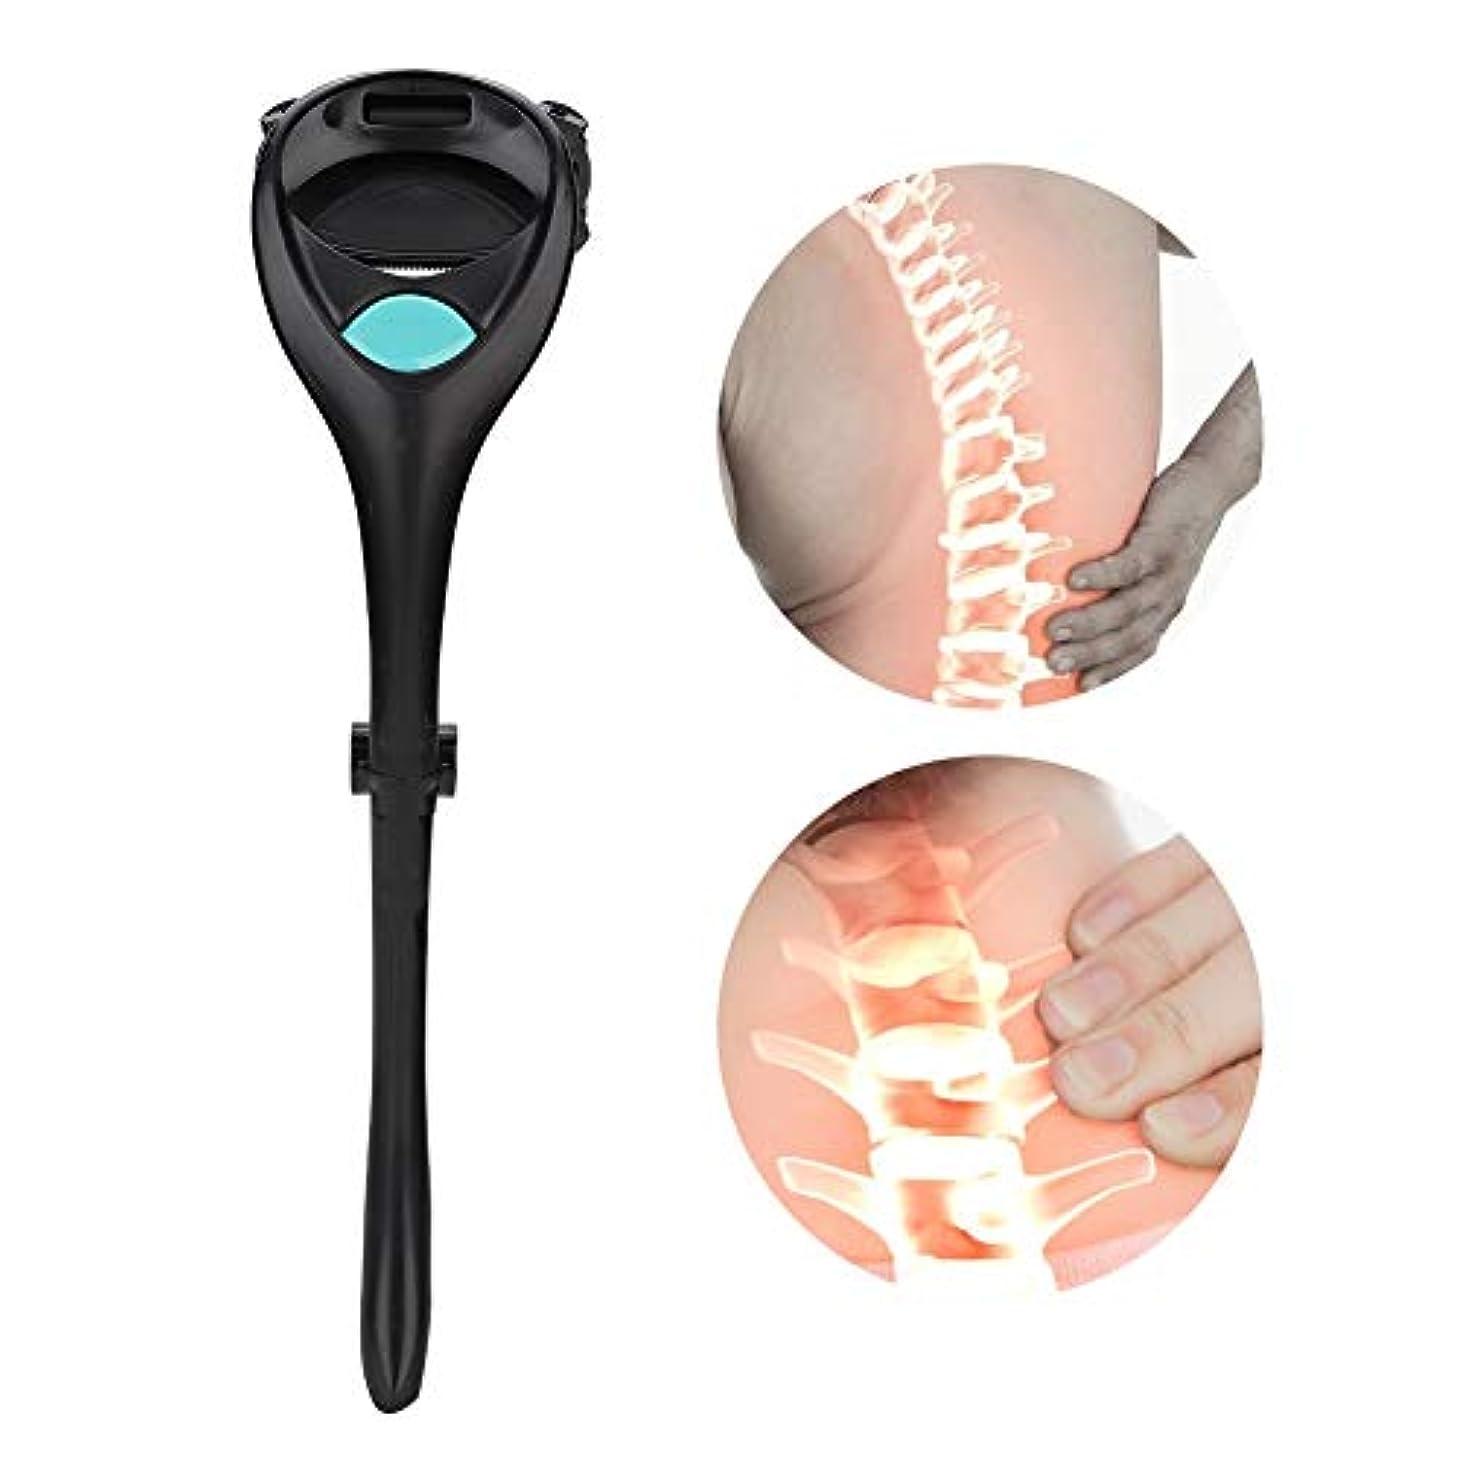 集中追加報いる痛みのマッサージ、腕のマッサージ、足のマッサージ、深いポータブルマッサージとポータブルマッサージ